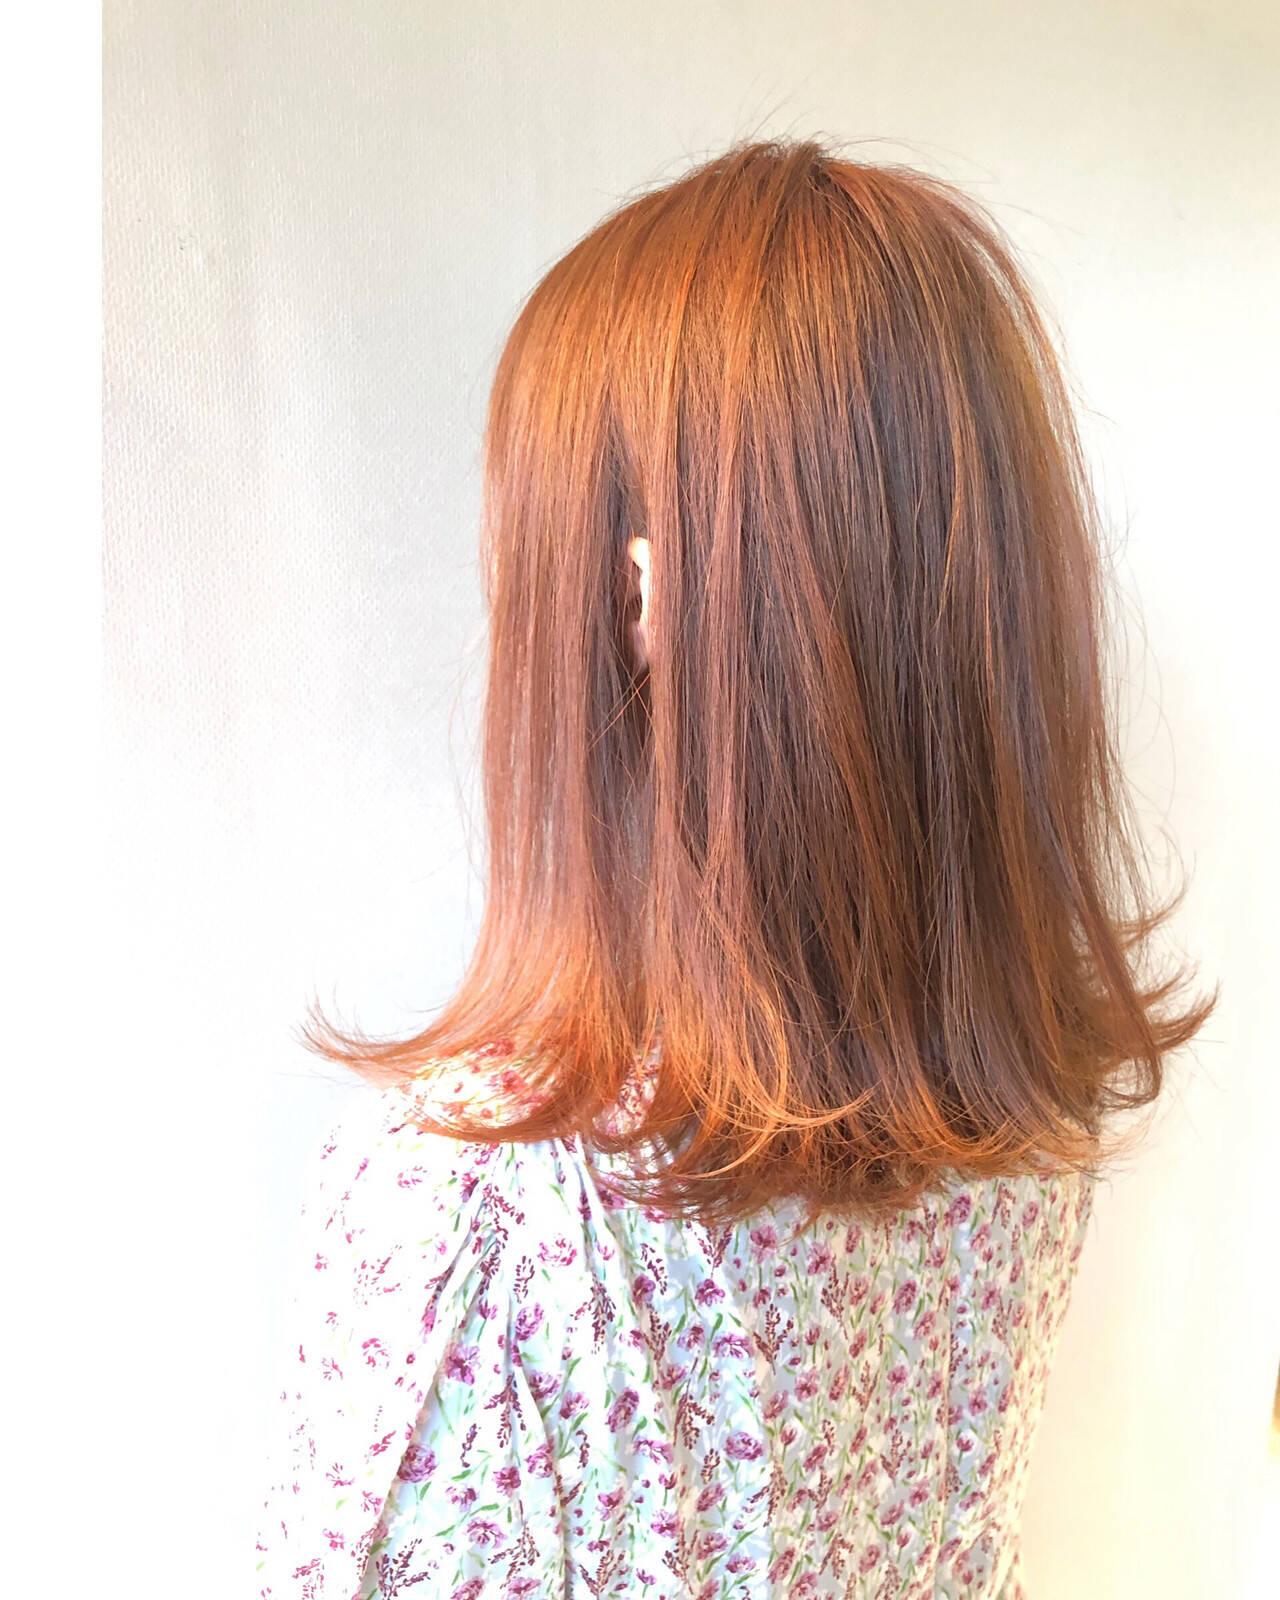 アプリコットオレンジ 透明感 デート ツヤ髪ヘアスタイルや髪型の写真・画像